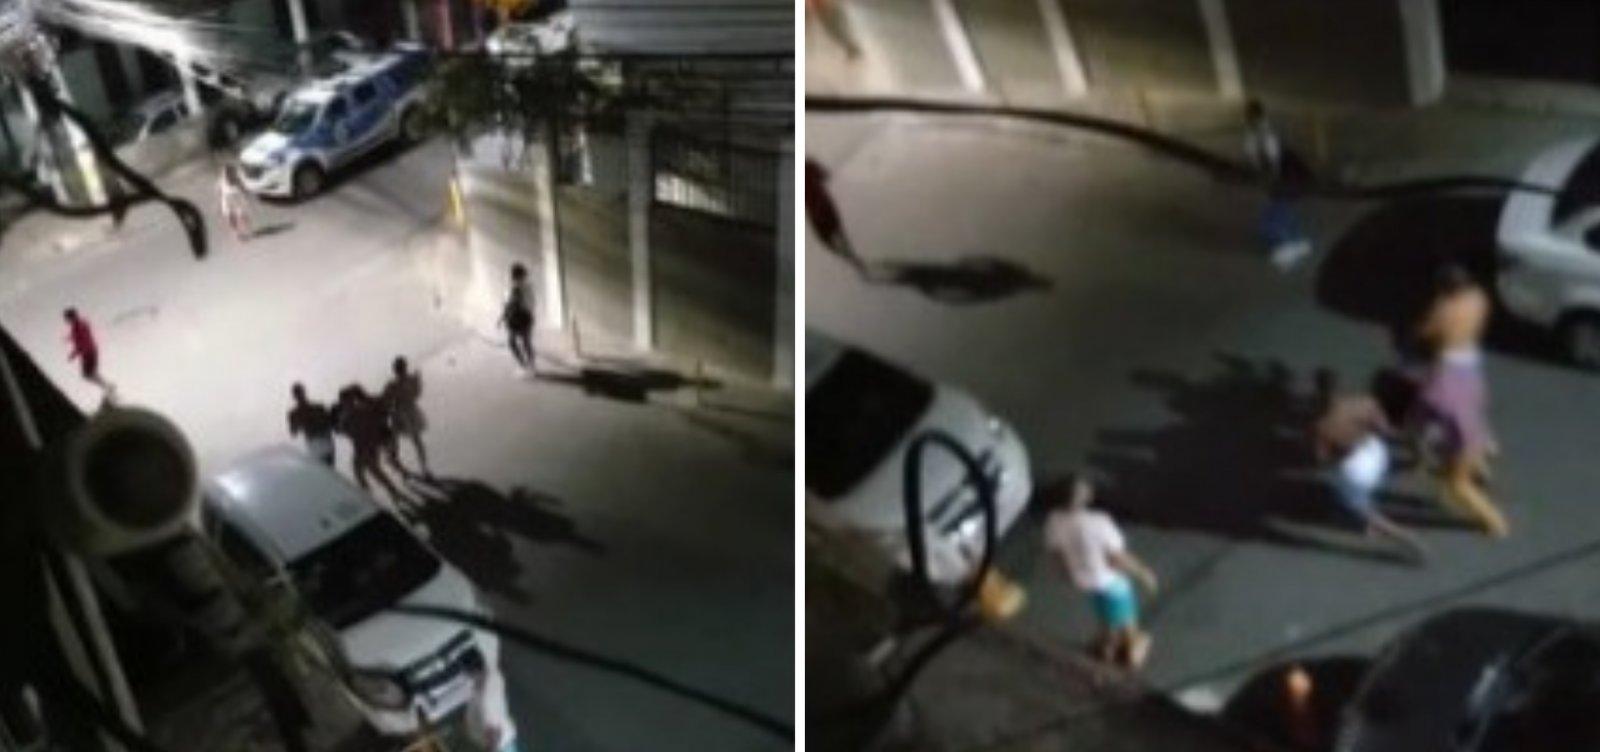 Ataque armado em Capelinha de São Caetano deixa um morto e ao menos dez feridos